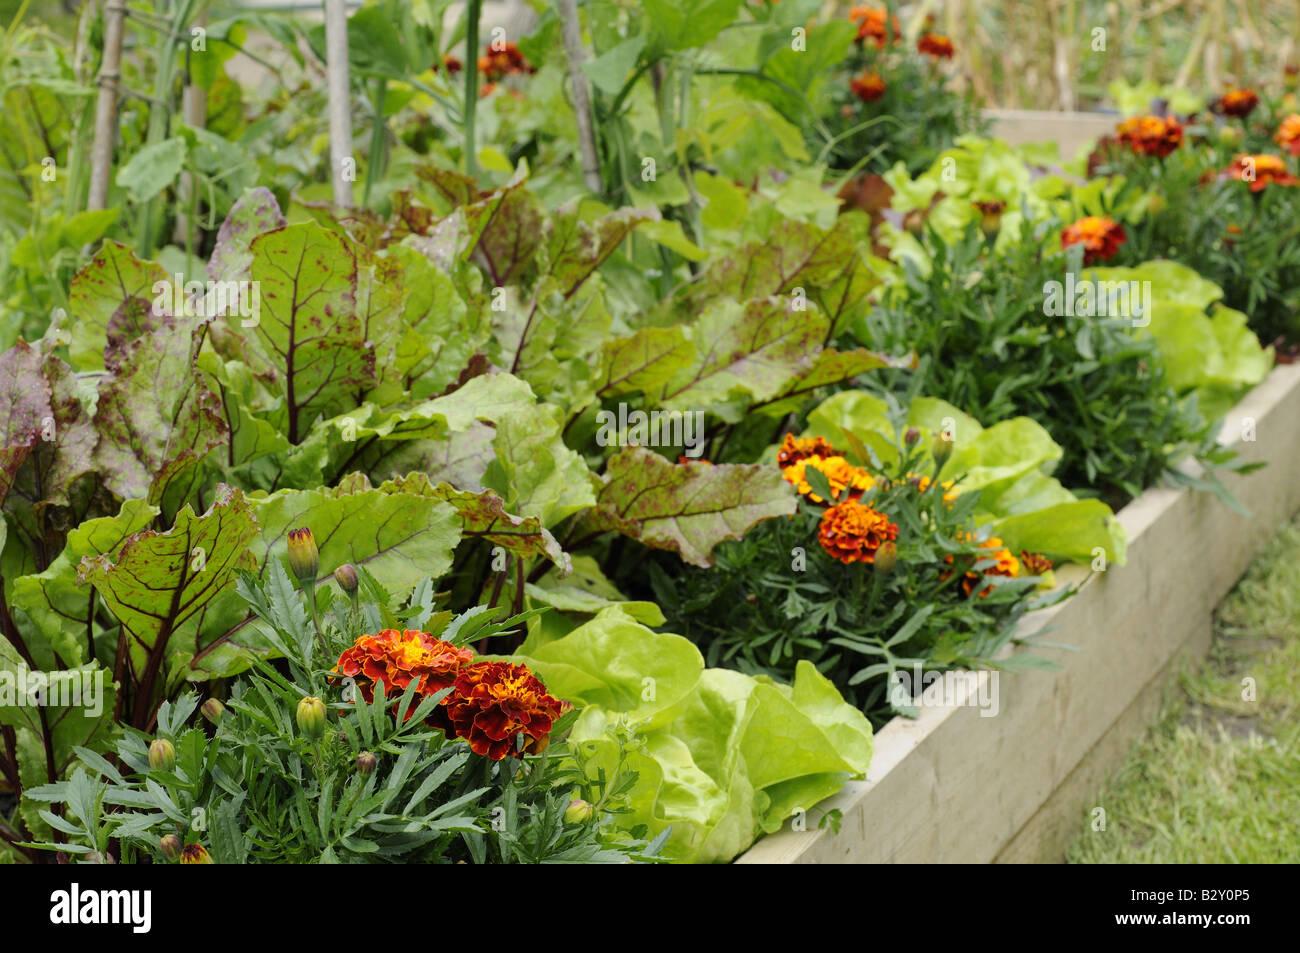 Blumen Und Gemuse In Einem Hochbeet Auch Ringelblumen Honeycombe